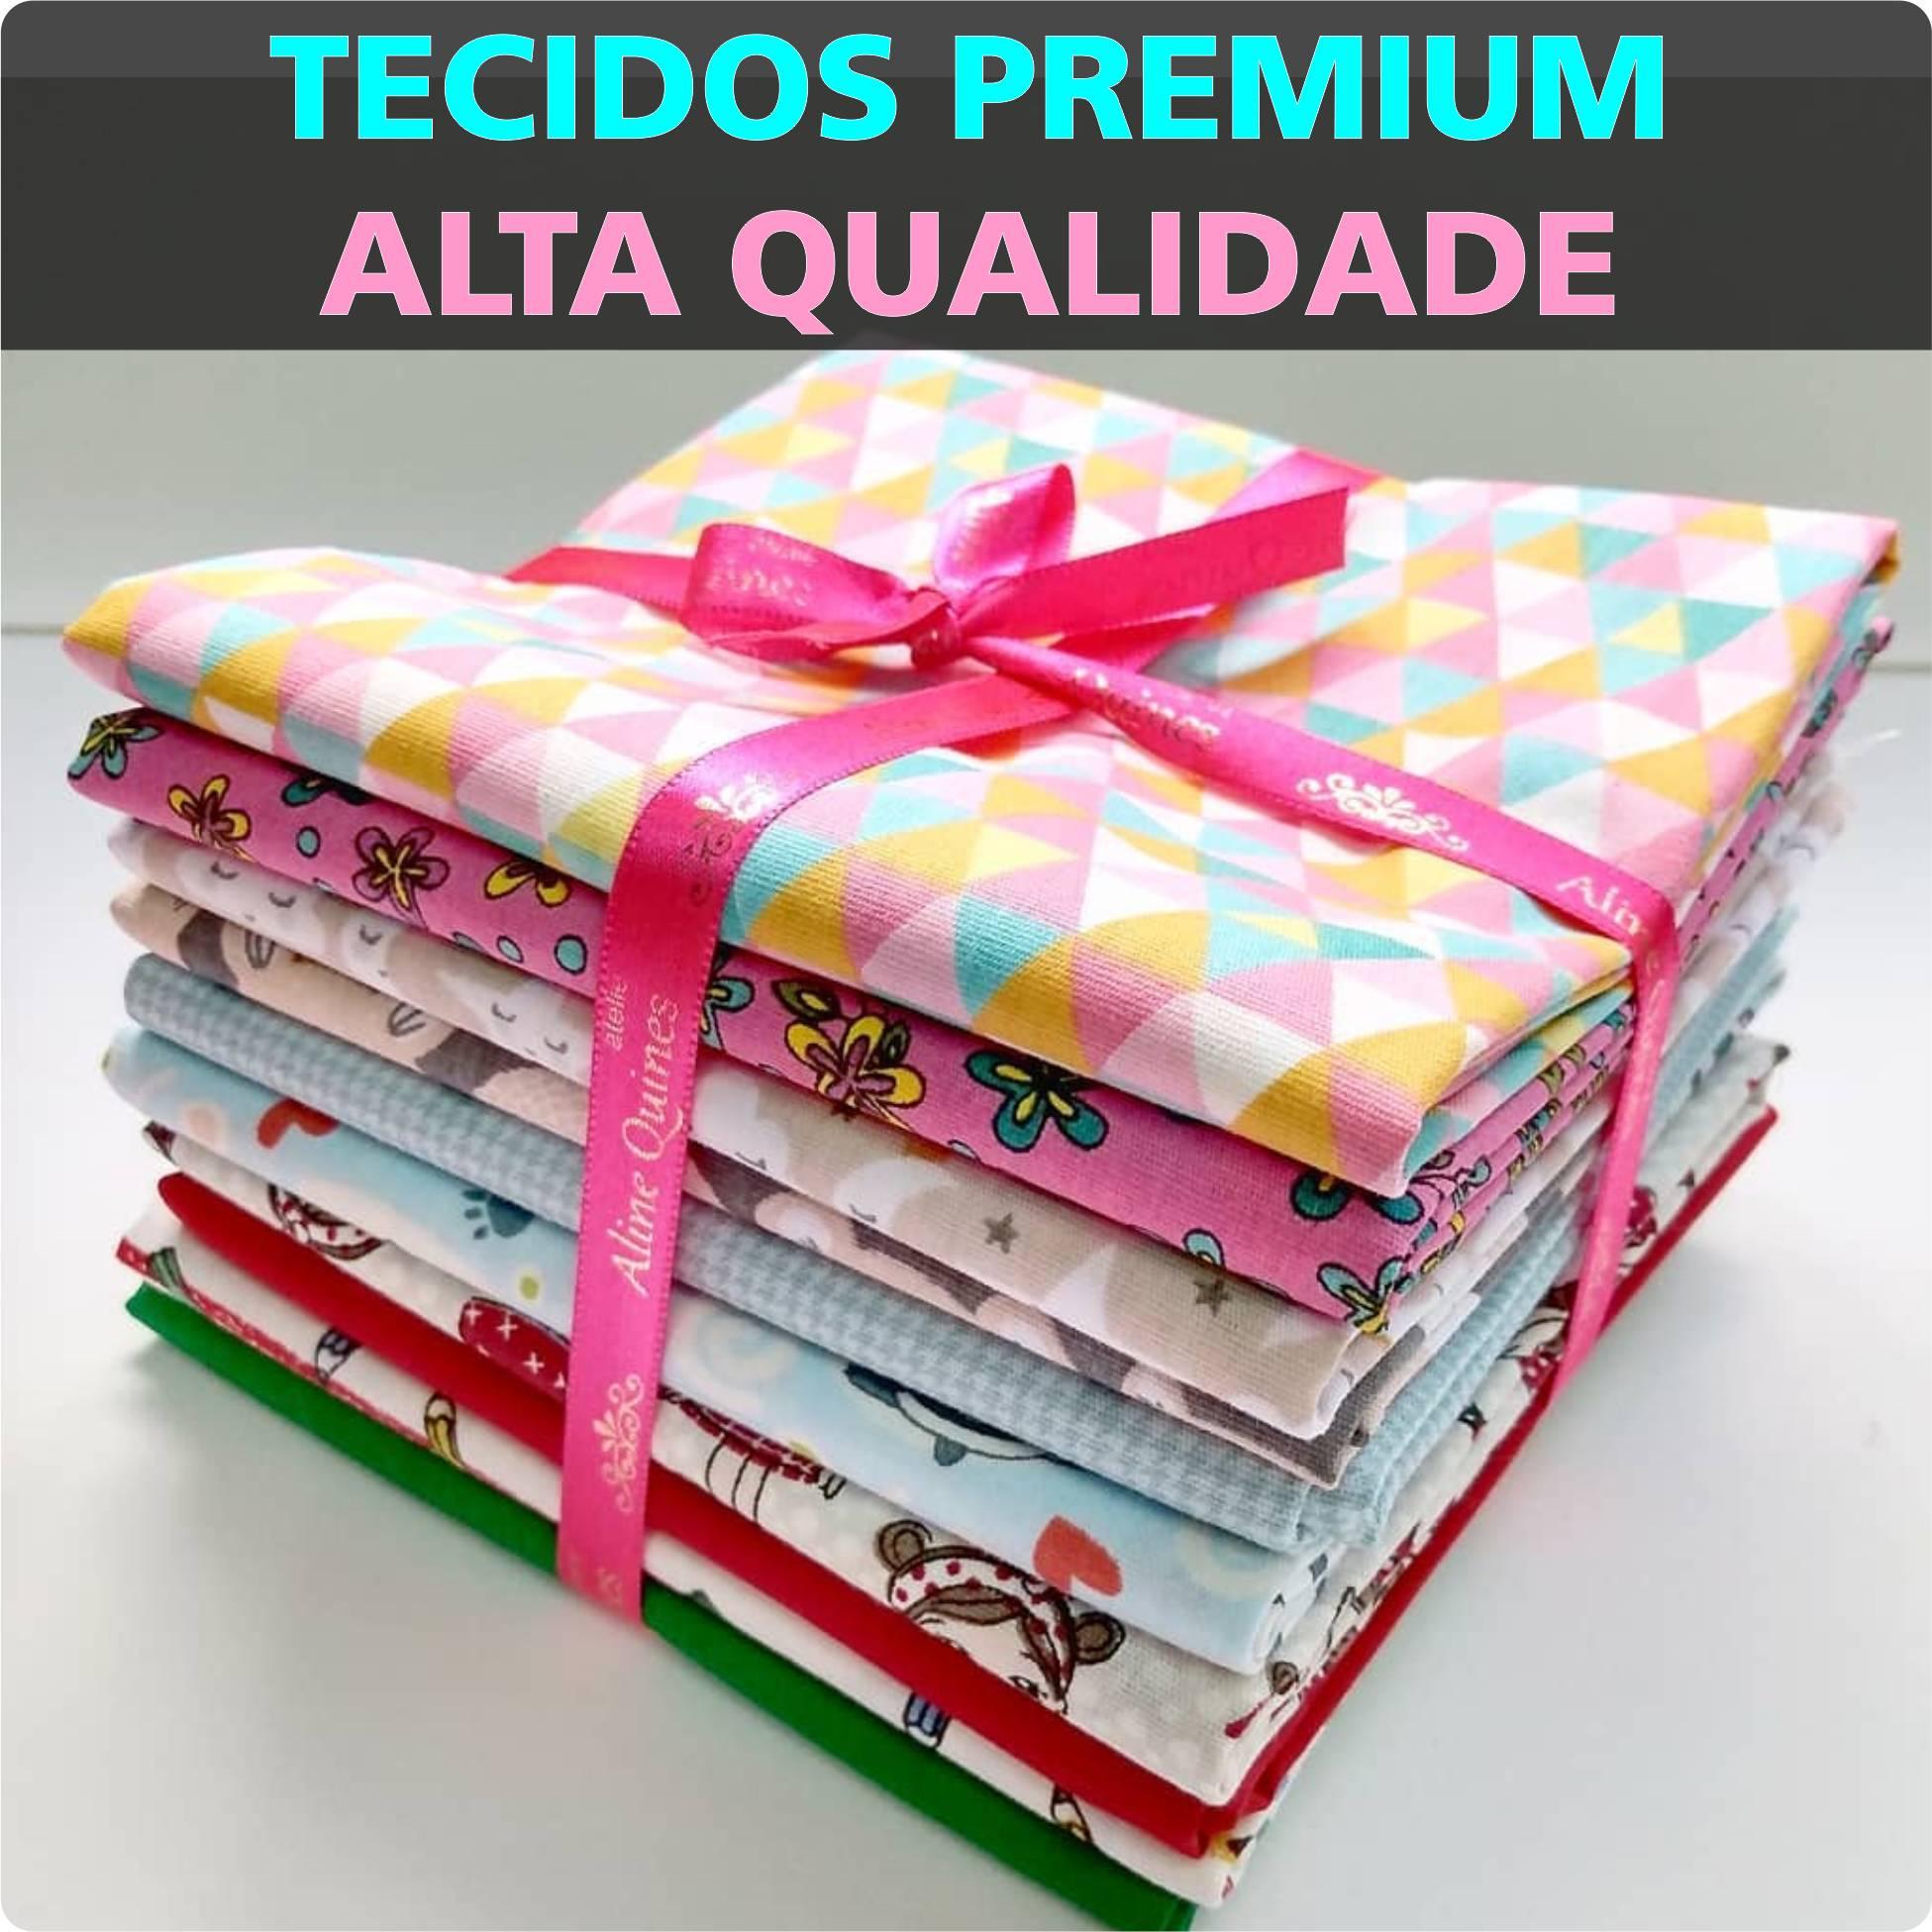 FERNANDO MALUHY - ALGODÃO TONS DE PELE BEGE CLARO - Pele de Boneca - 25cm X 150cm